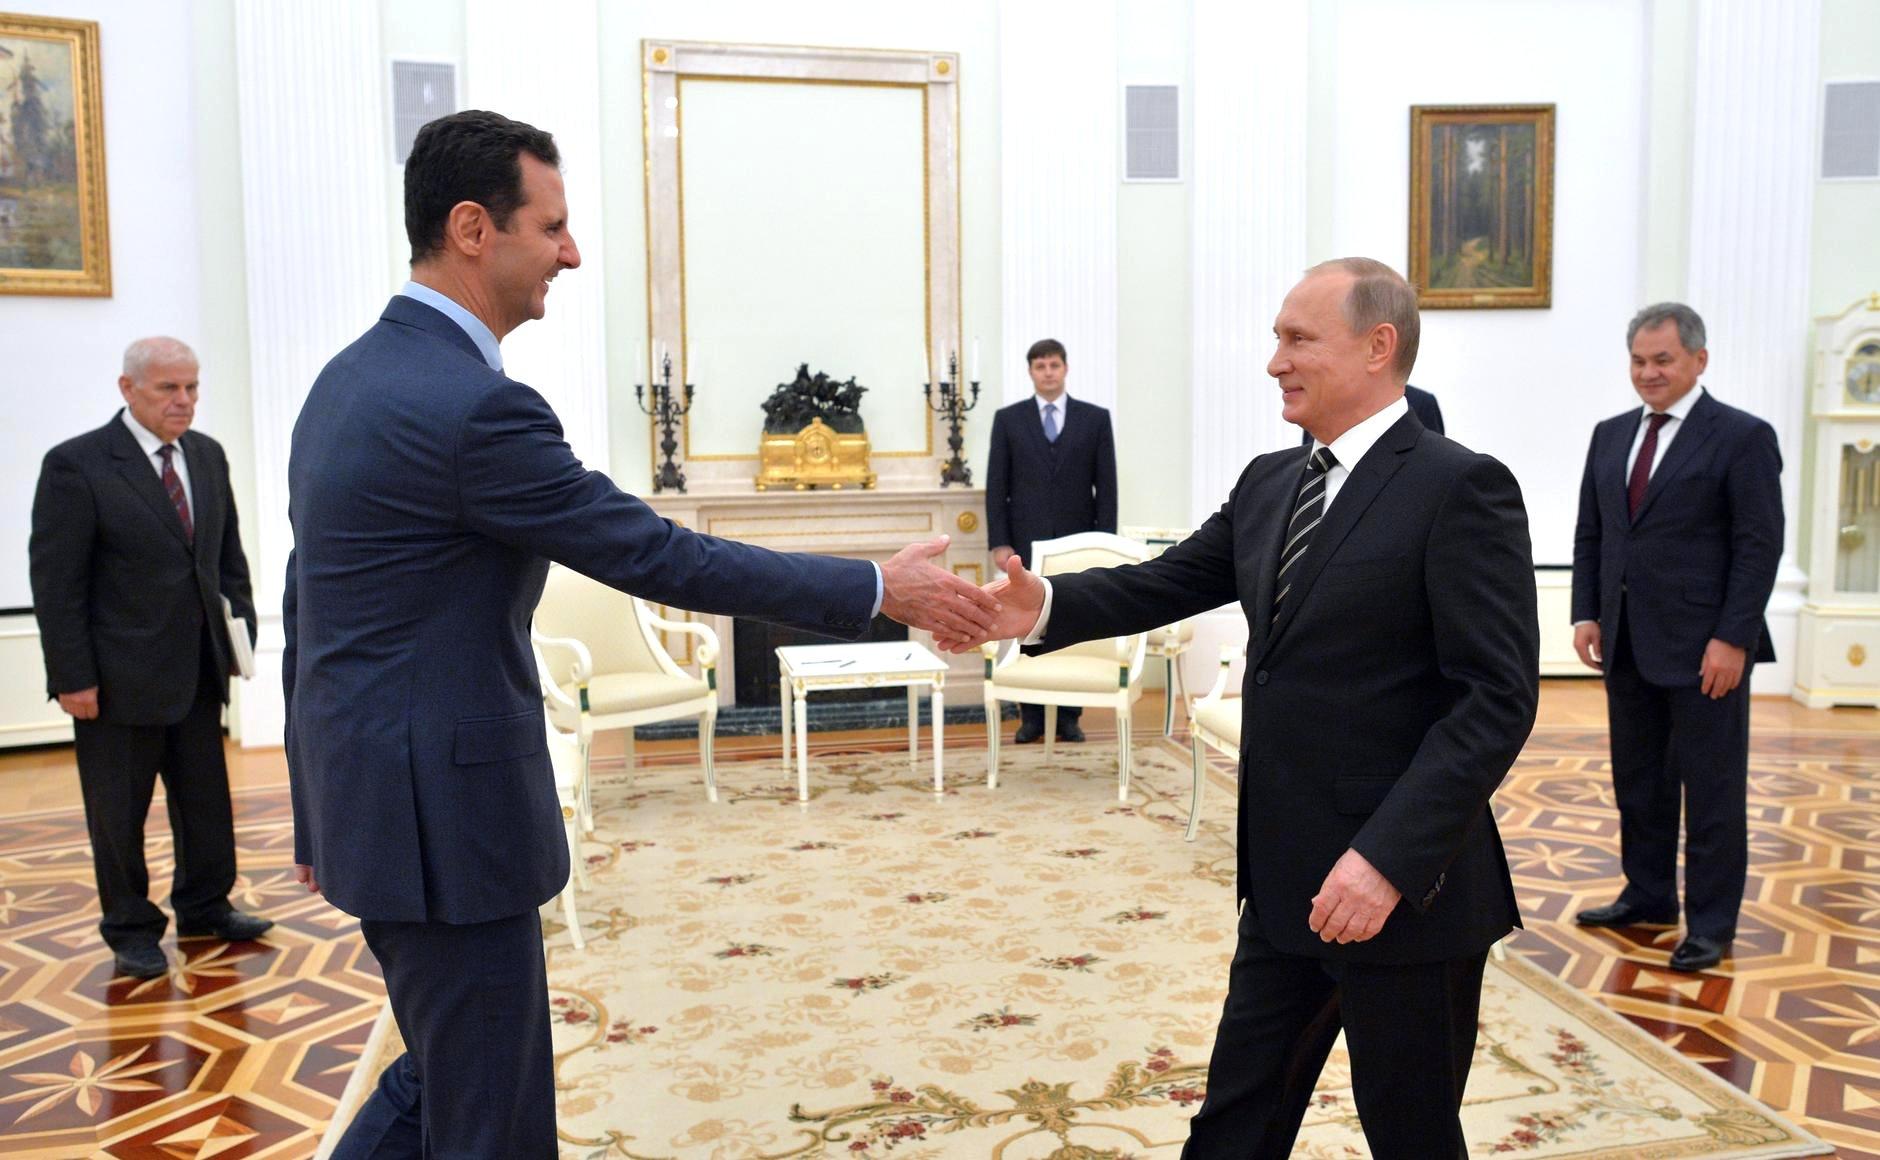 Ким Чен Ынвыразил поддержку Асаду после ракетного удара США поСирии